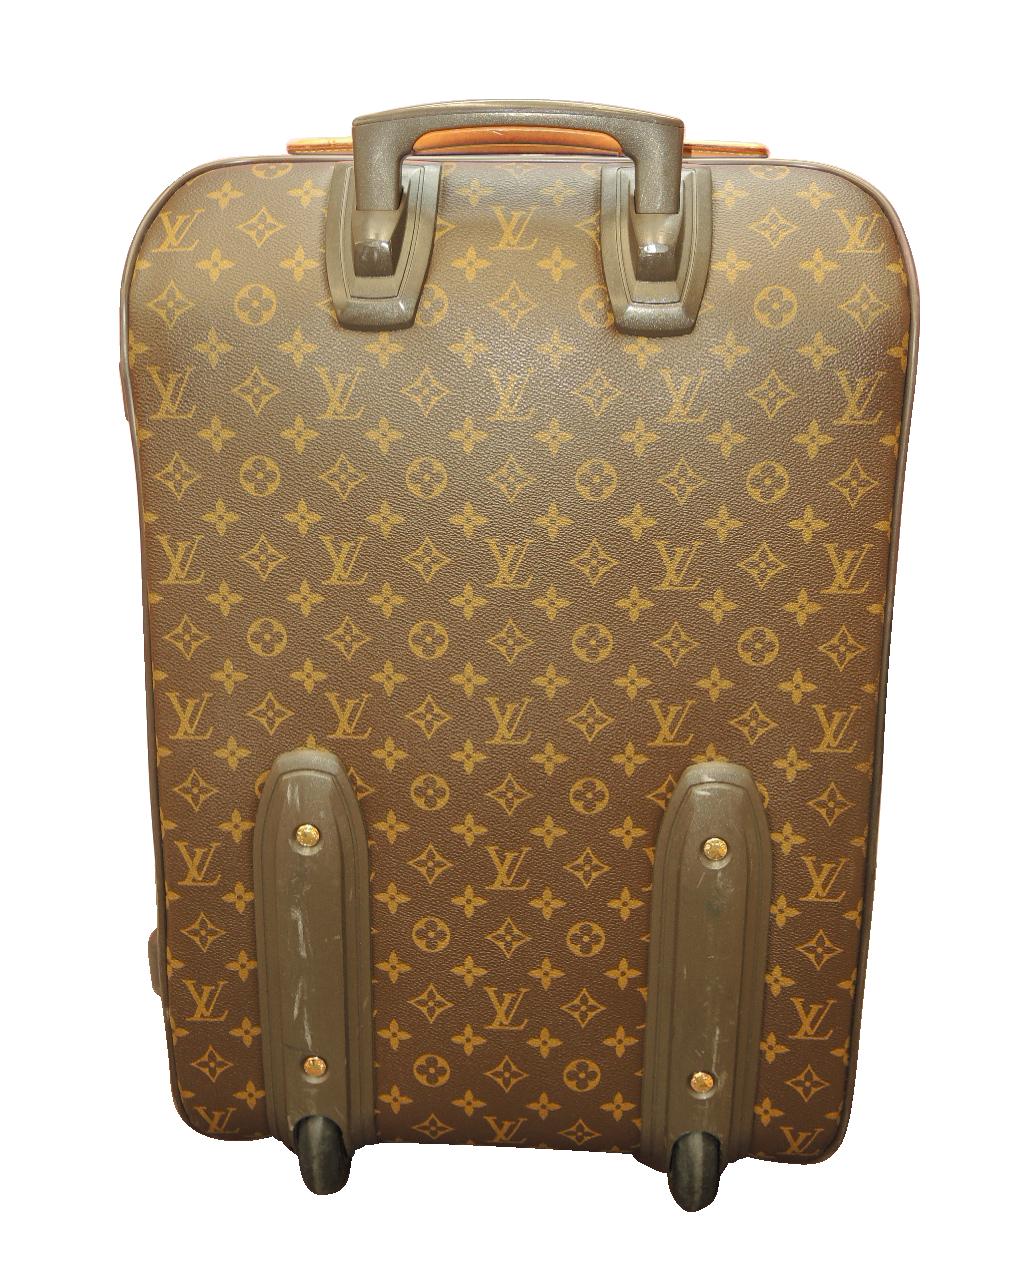 Valise Louis Vuitton Pégase 55 Toile monogram